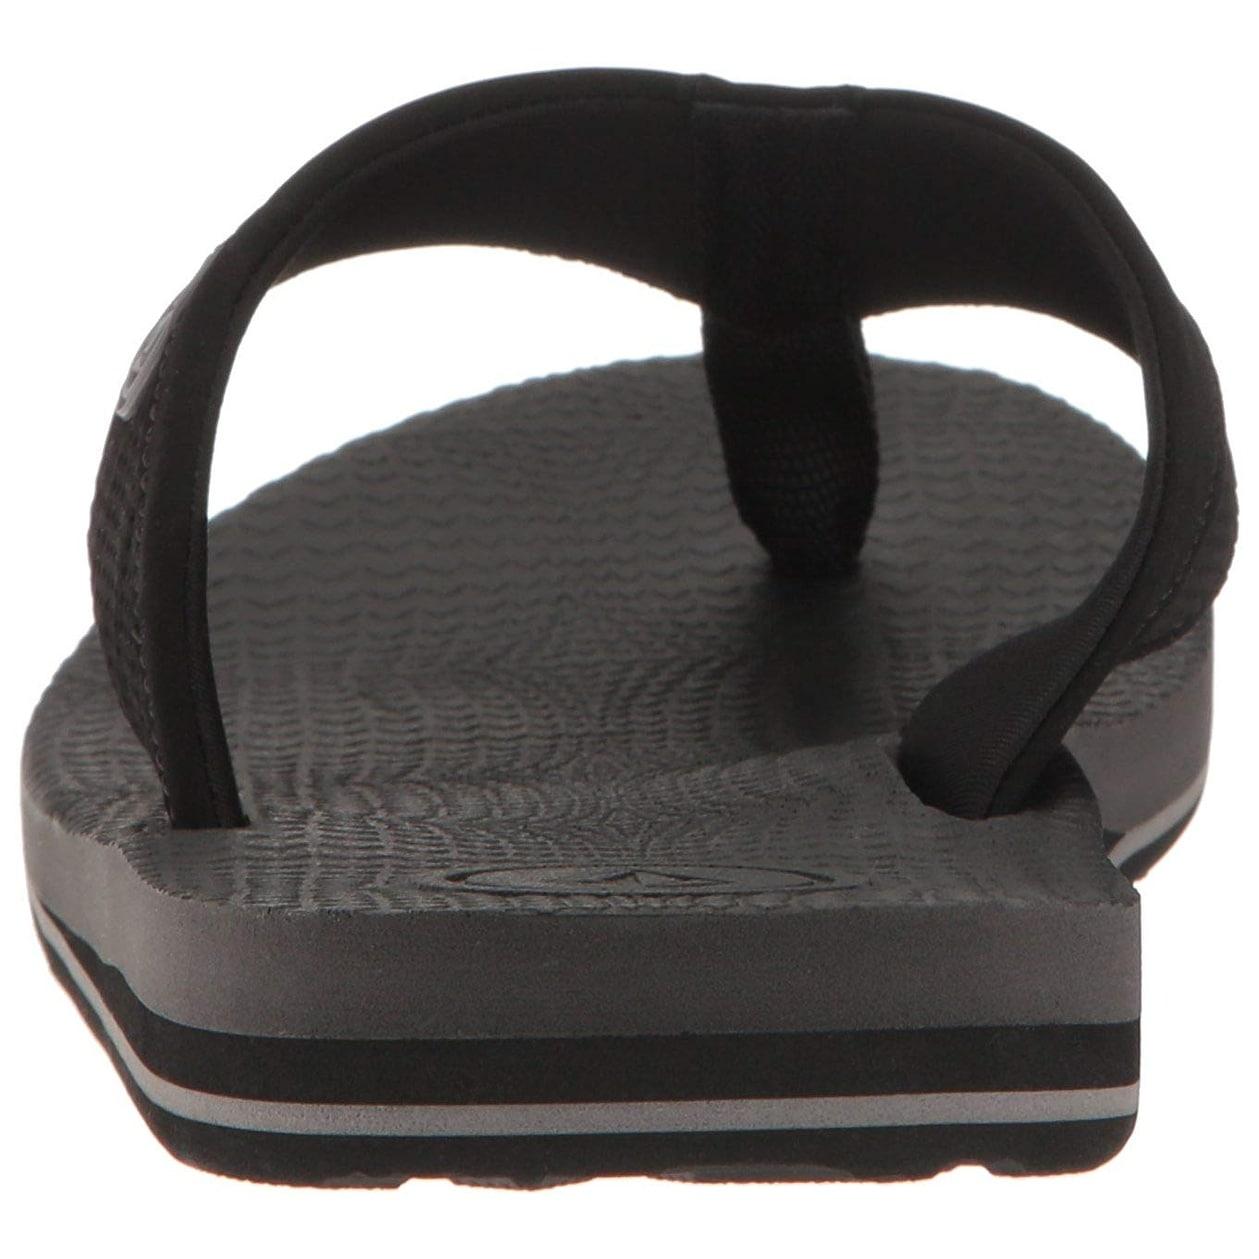 Volcom Mens Lounger Memory Foam Flip Flop Sandal